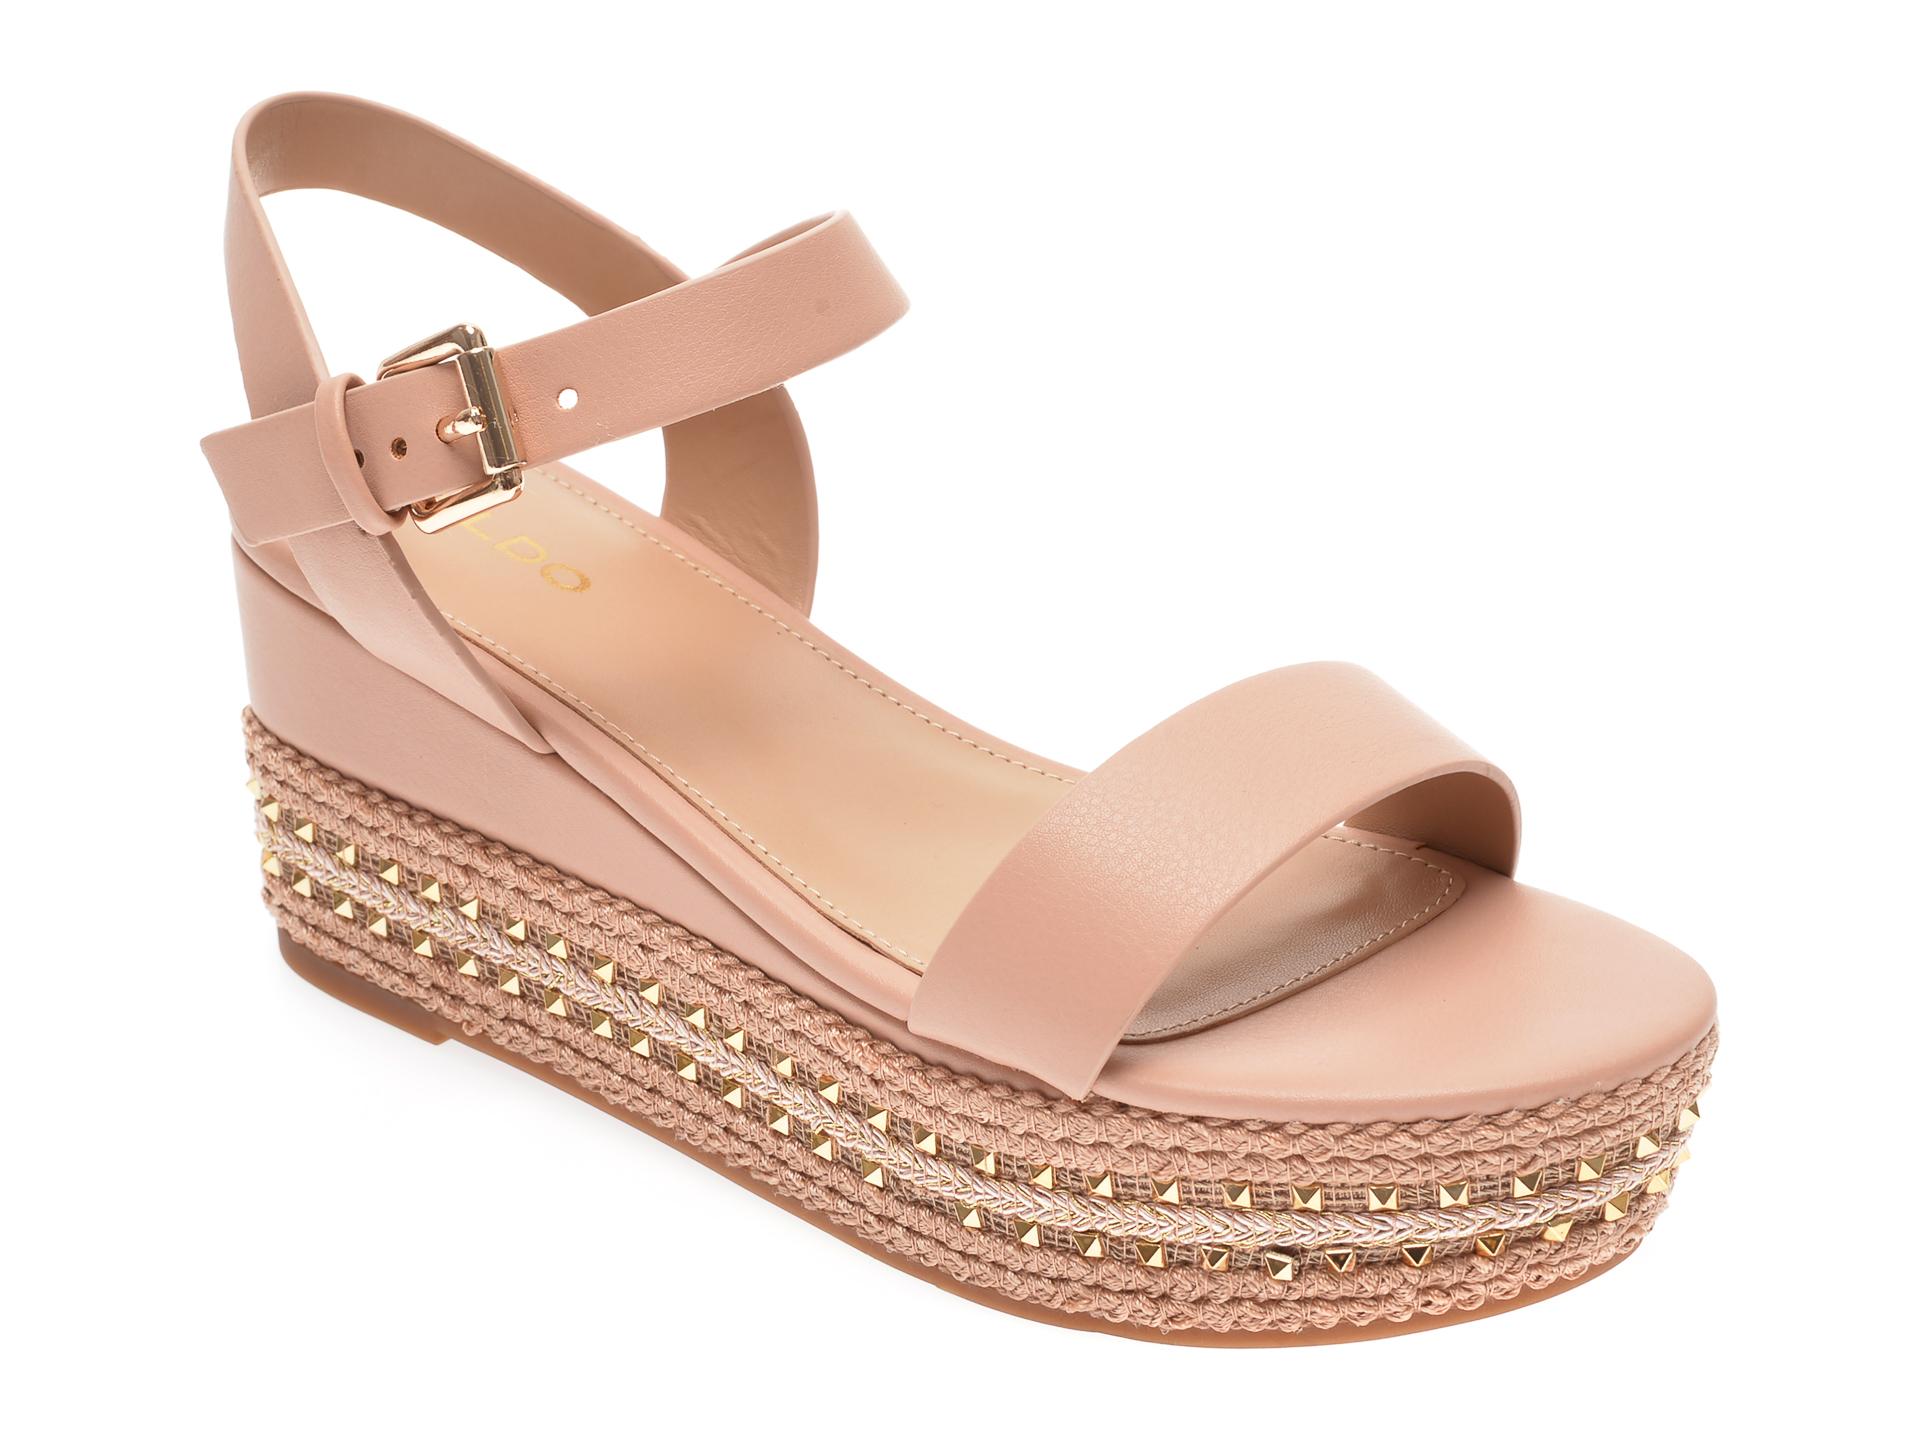 Sandale ALDO nude, Mauma690, din piele ecologica